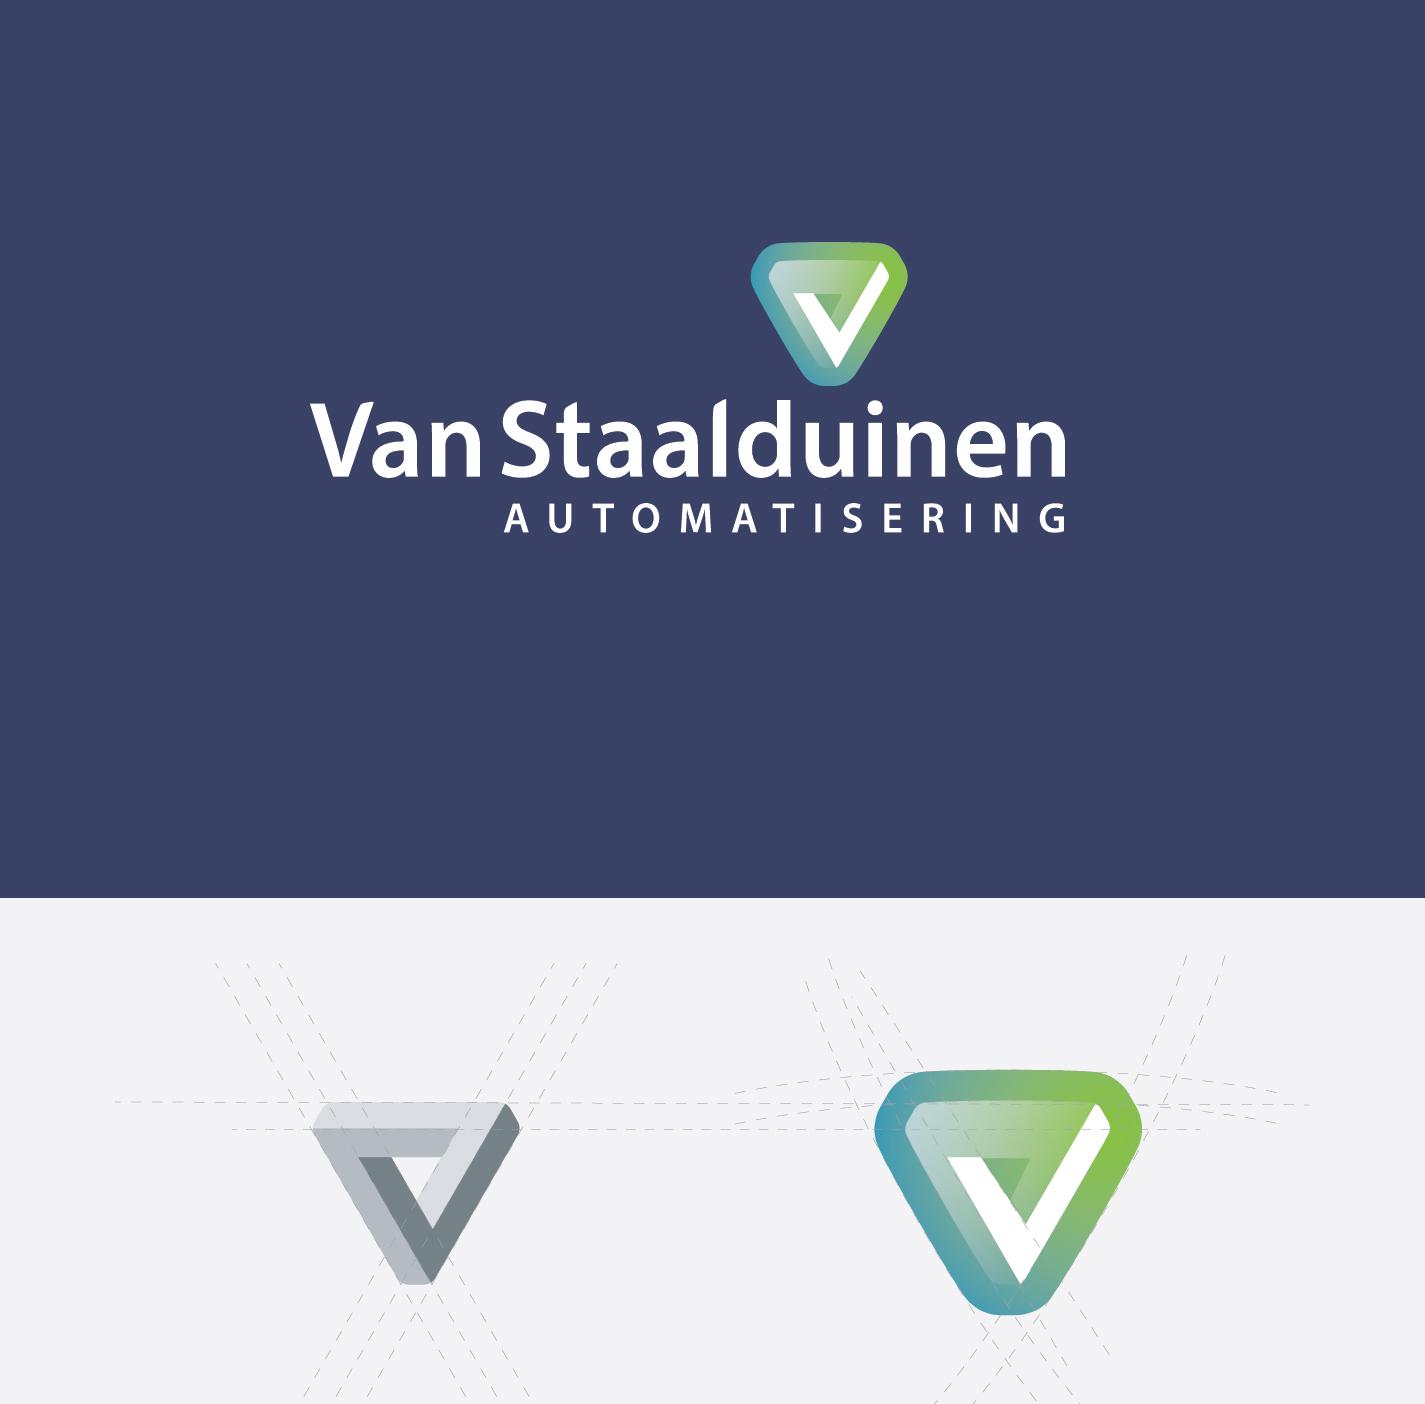 Logo ontwerp Utrecht - Van Staalduinen Automatisering